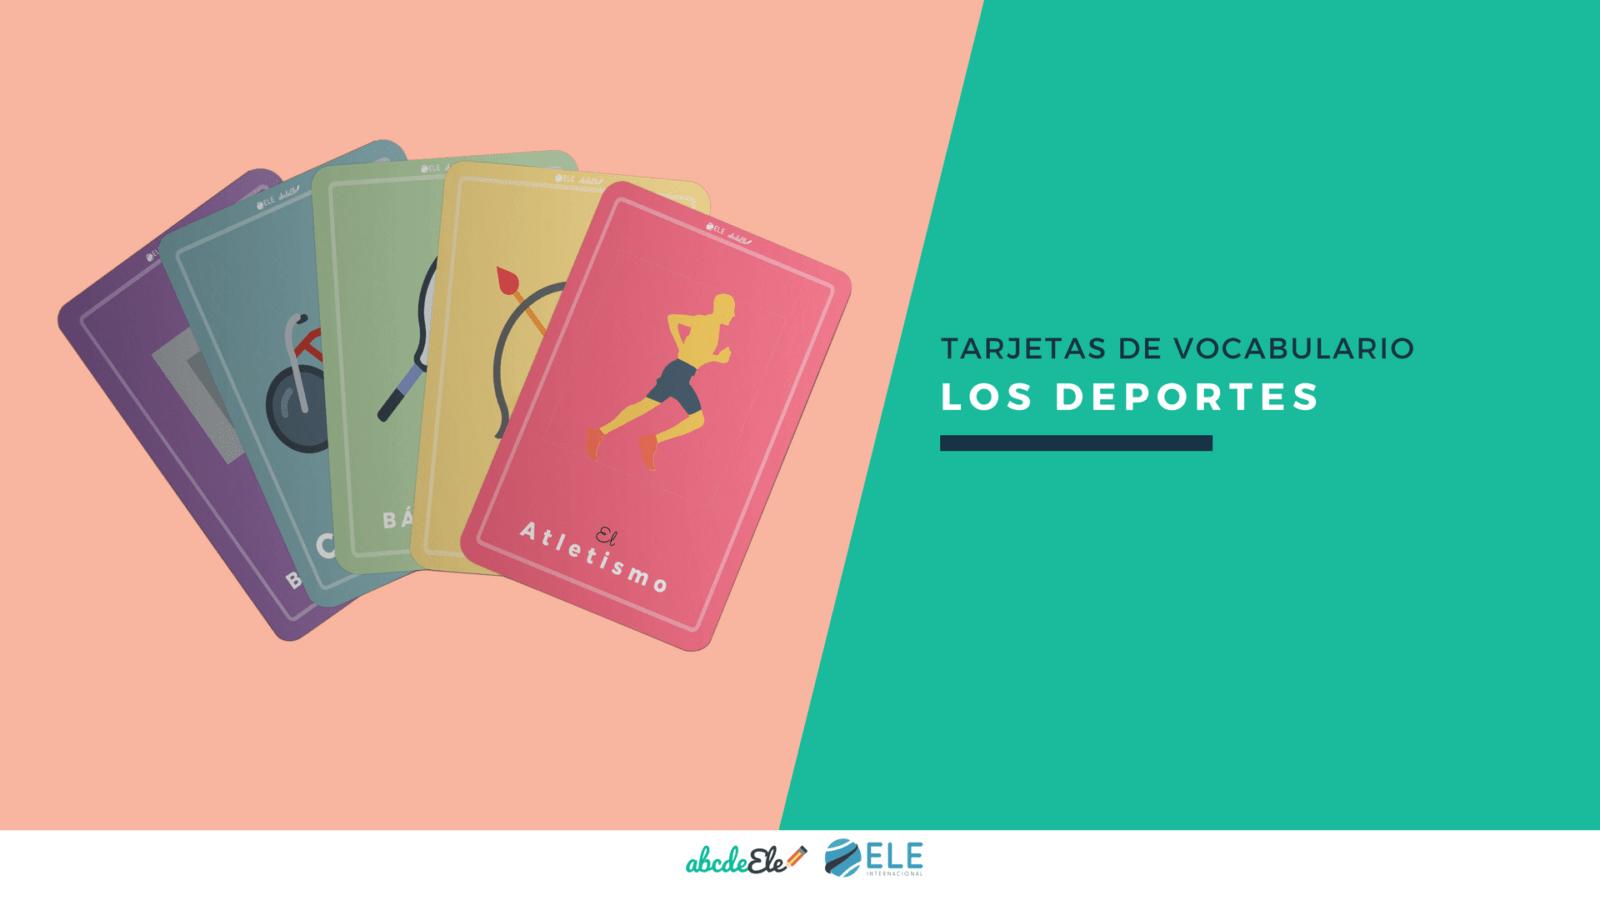 Vocabulario de deportes. Tarjetas para clase de español. Profe de ELE. Recursos para clase de español. #spanish #learnspanish